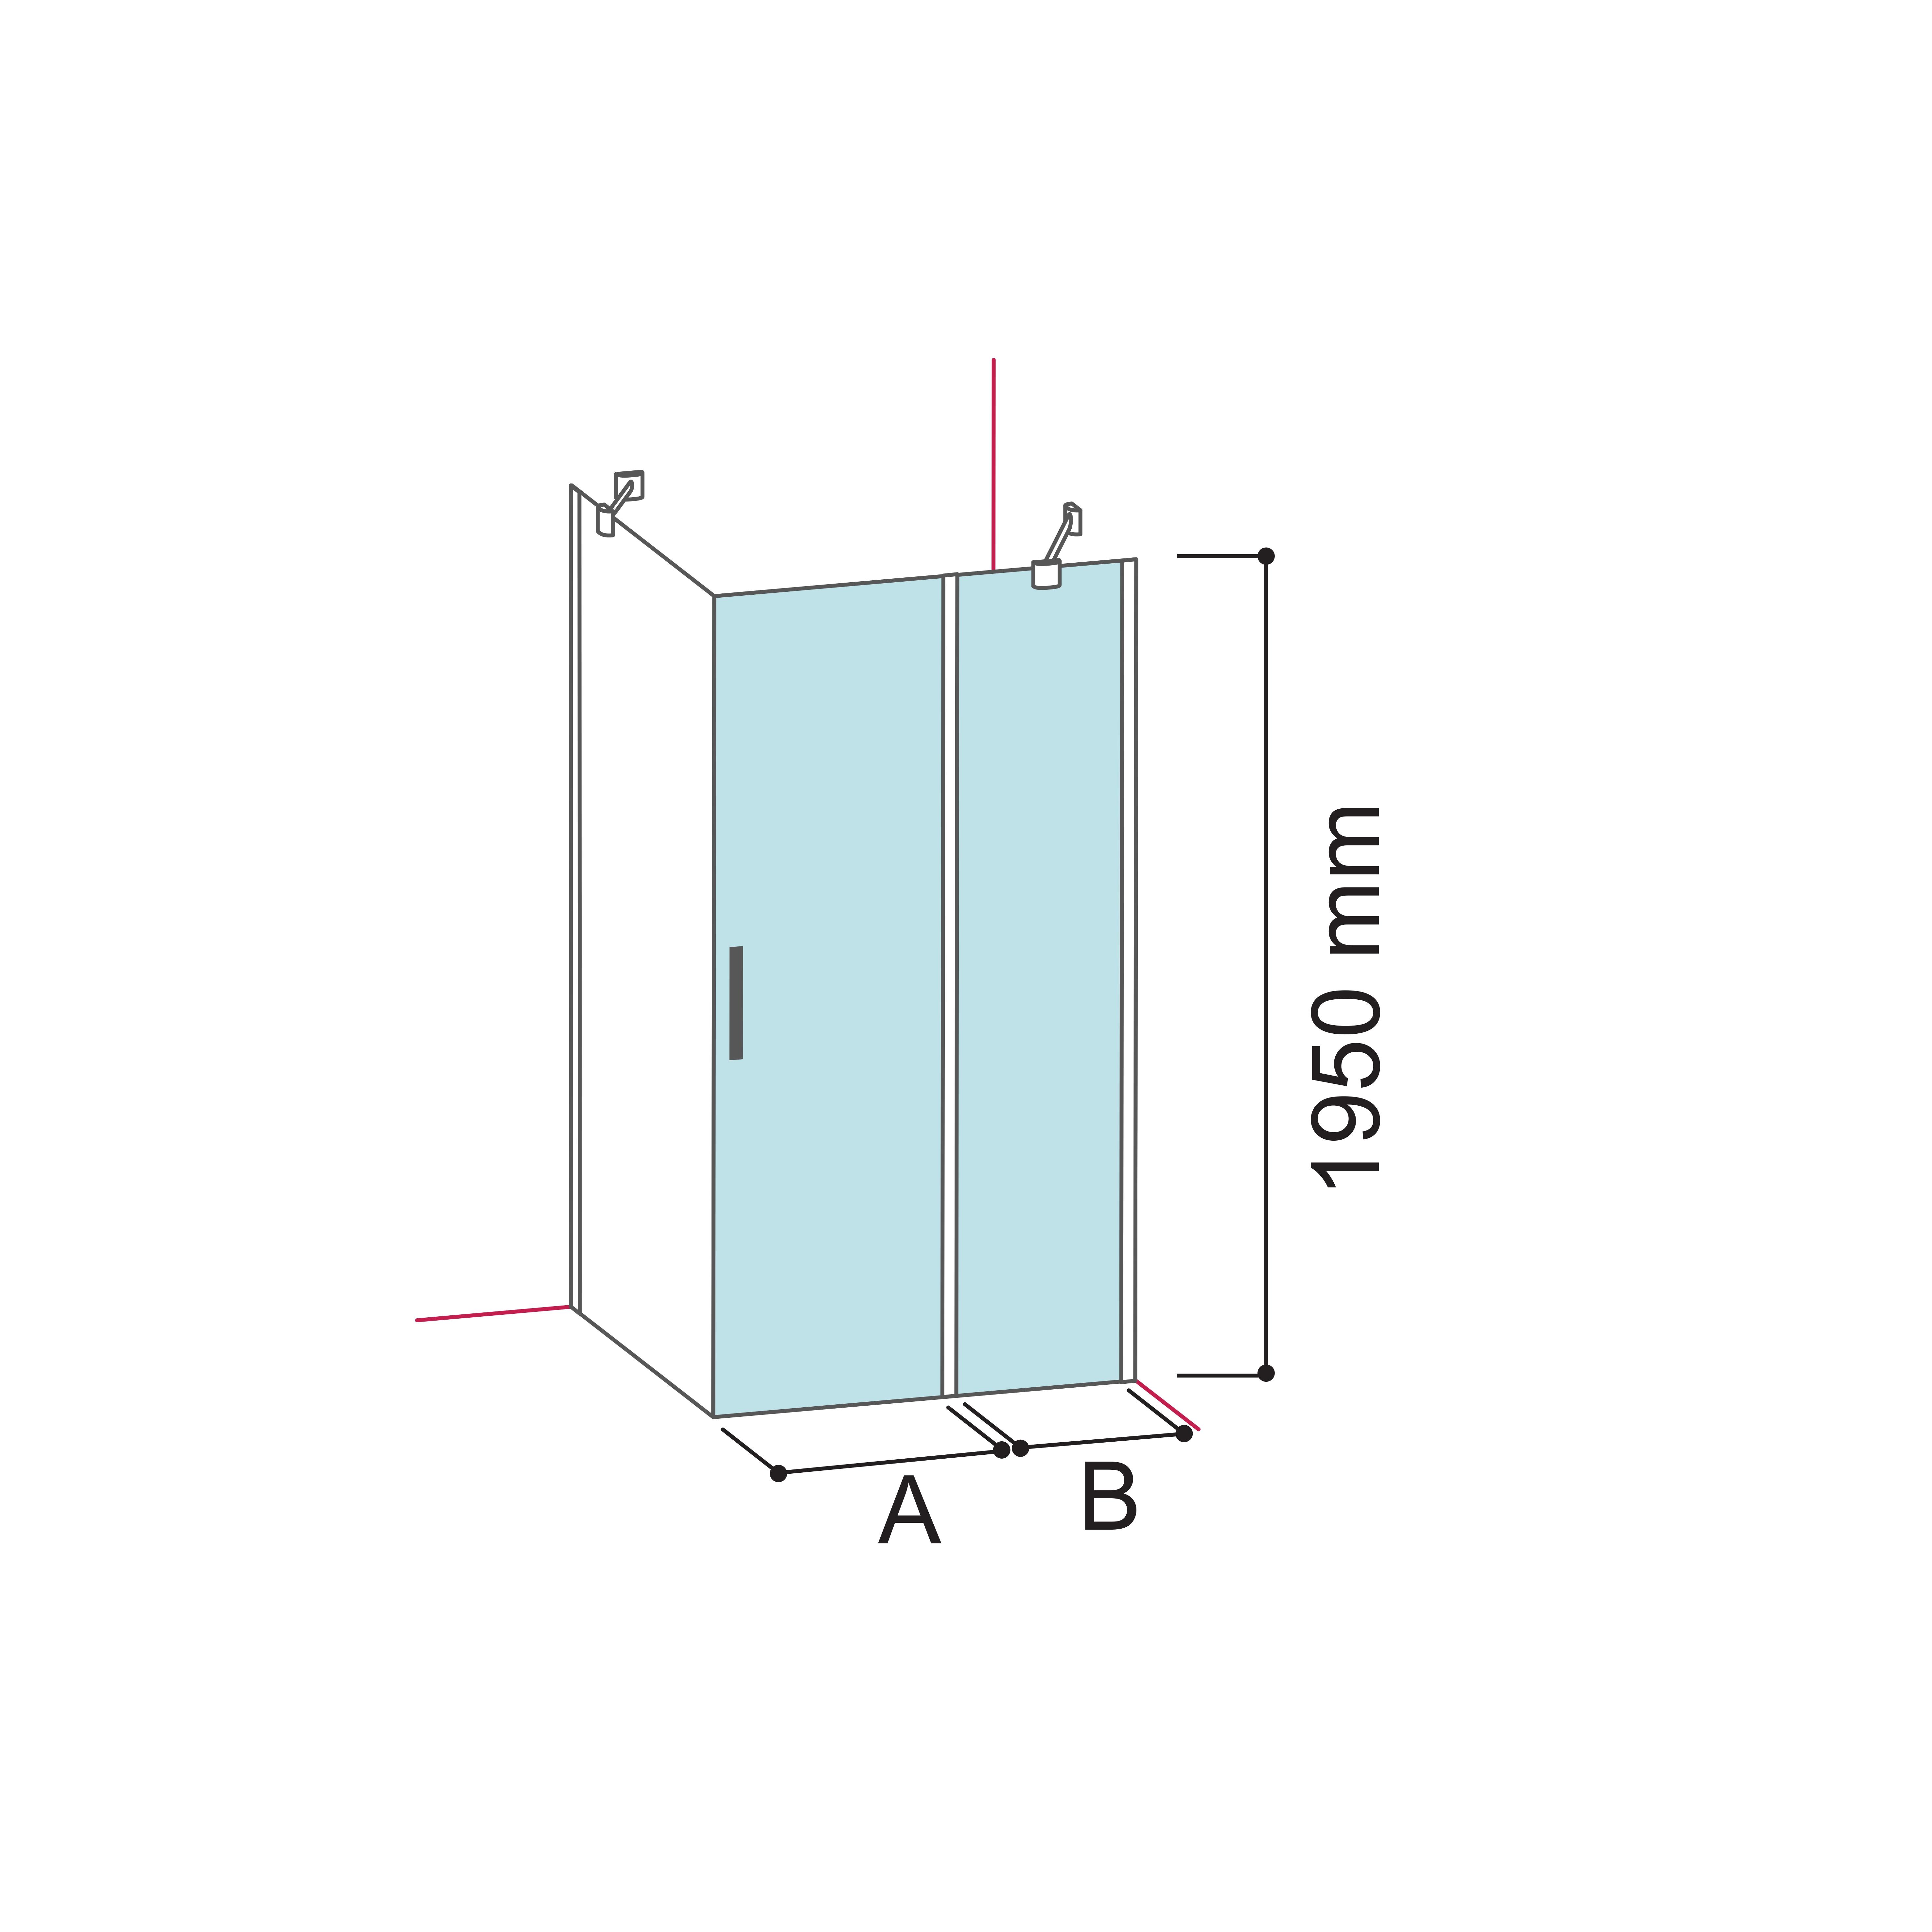 Usa pivotanta cu segment fix soho md Glass